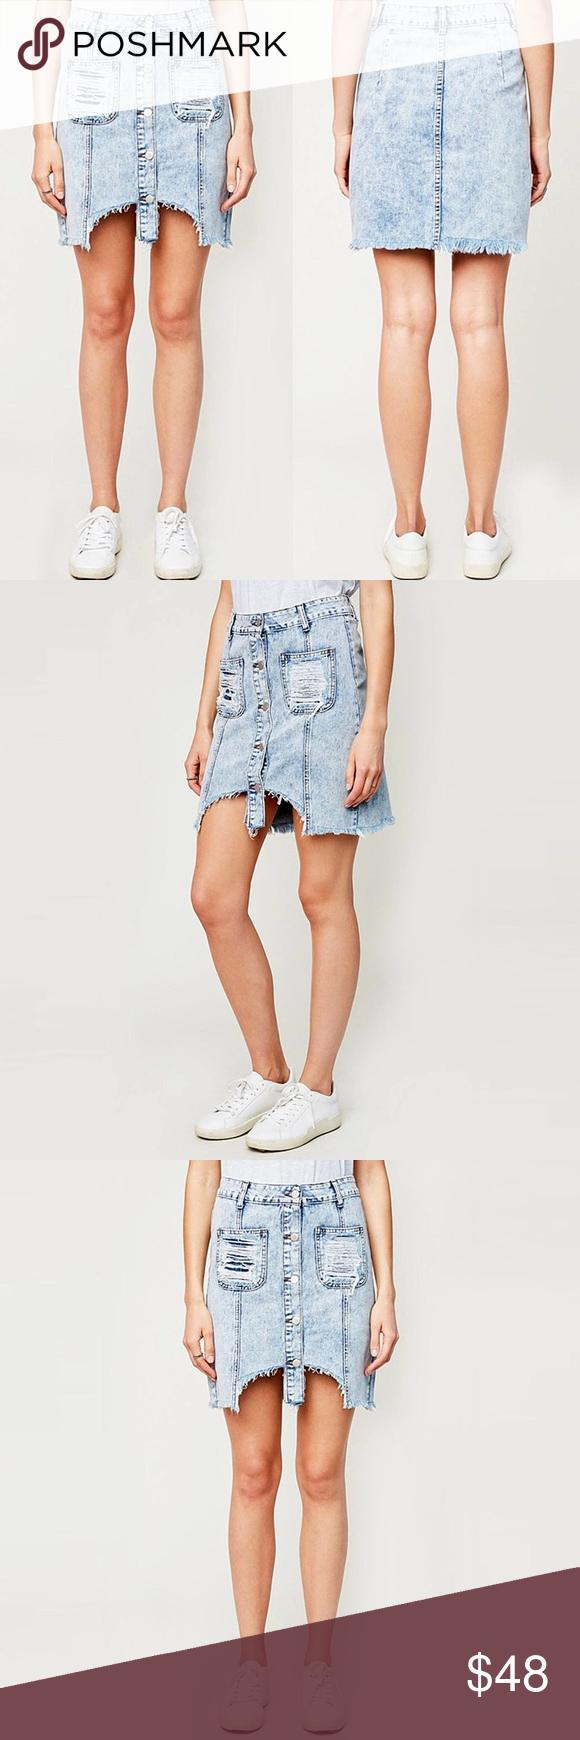 e2d5de6d2 Distressed Retro Loose fit Denim Skirt ❤ BUNDLES ❤ DISCOUNTS ❌ NO TRADES ❌